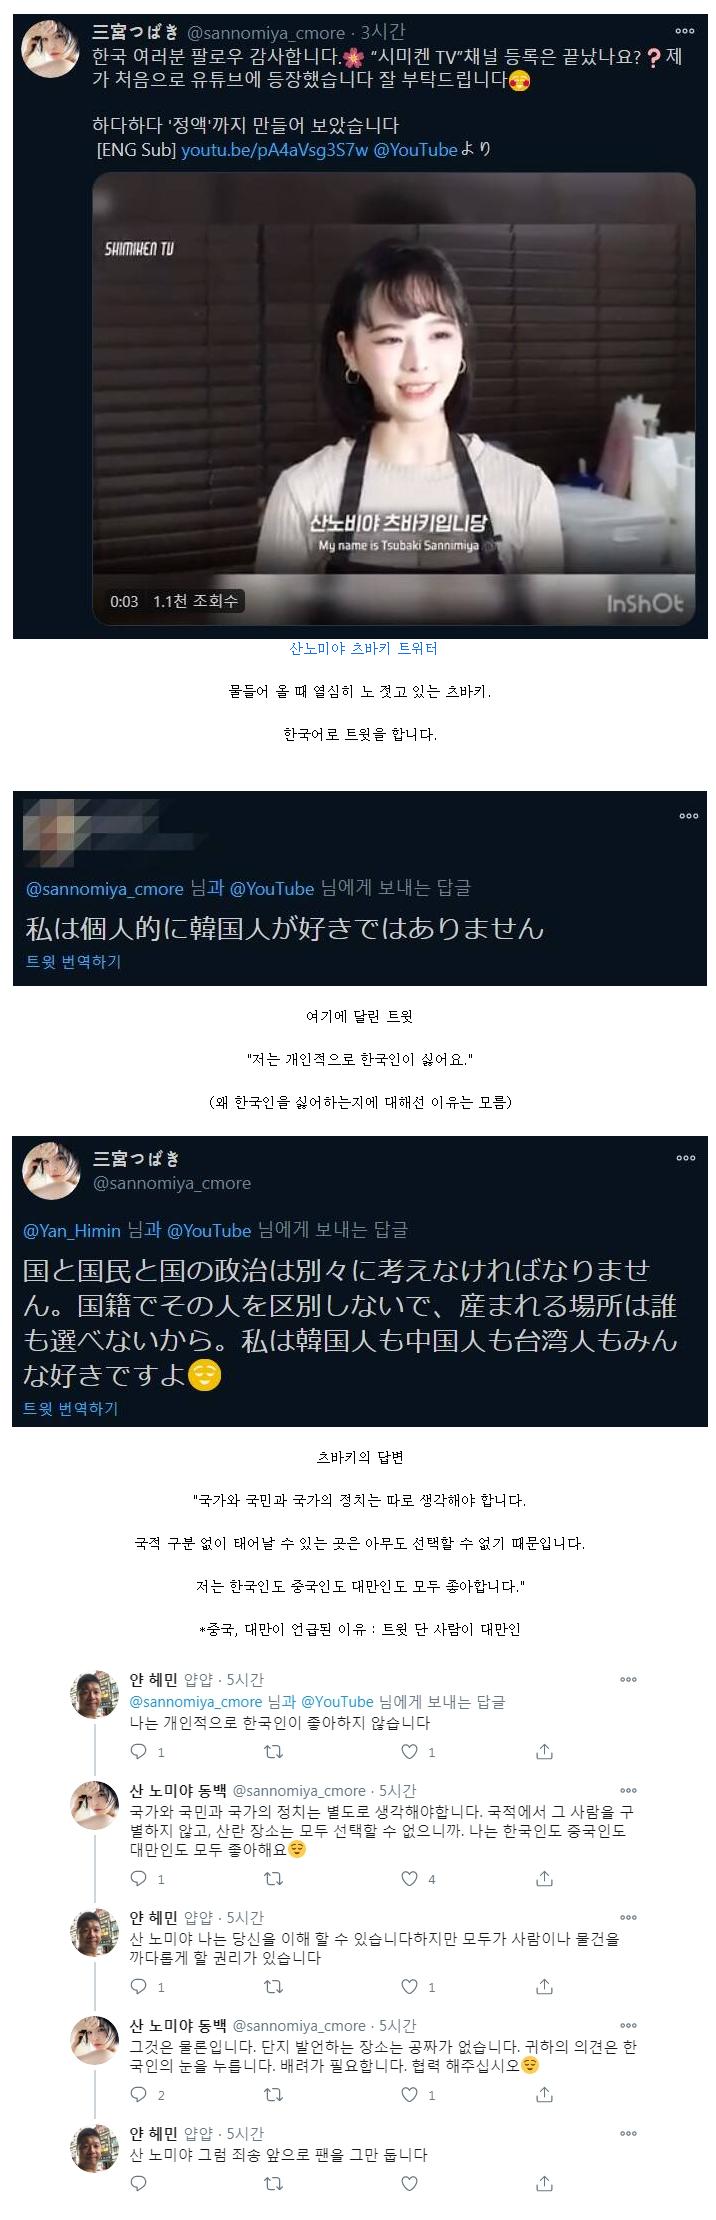 한국인을 싫어하는 트윗러를 만난 AV배우